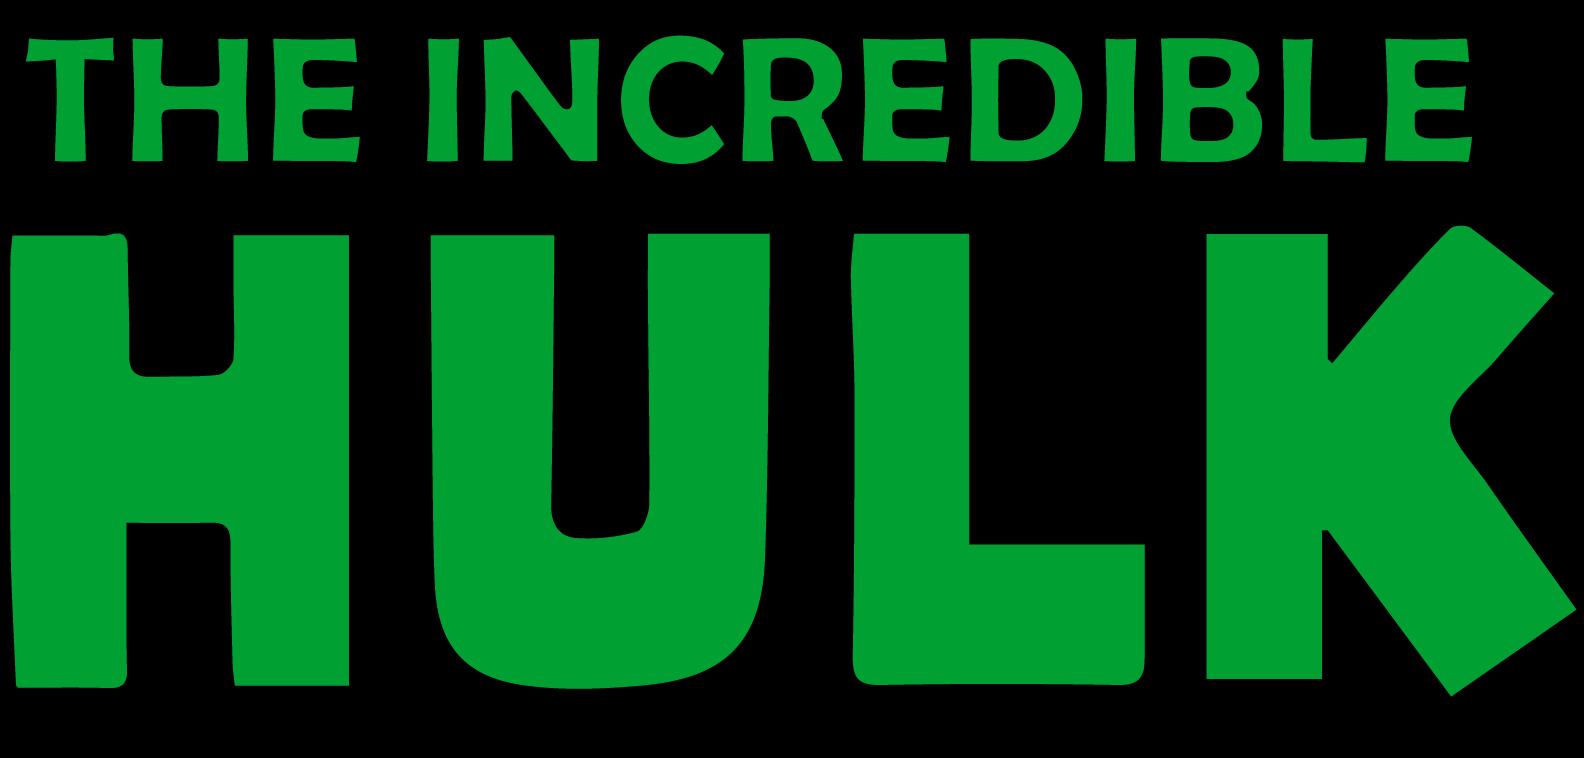 Халк логотип PNG